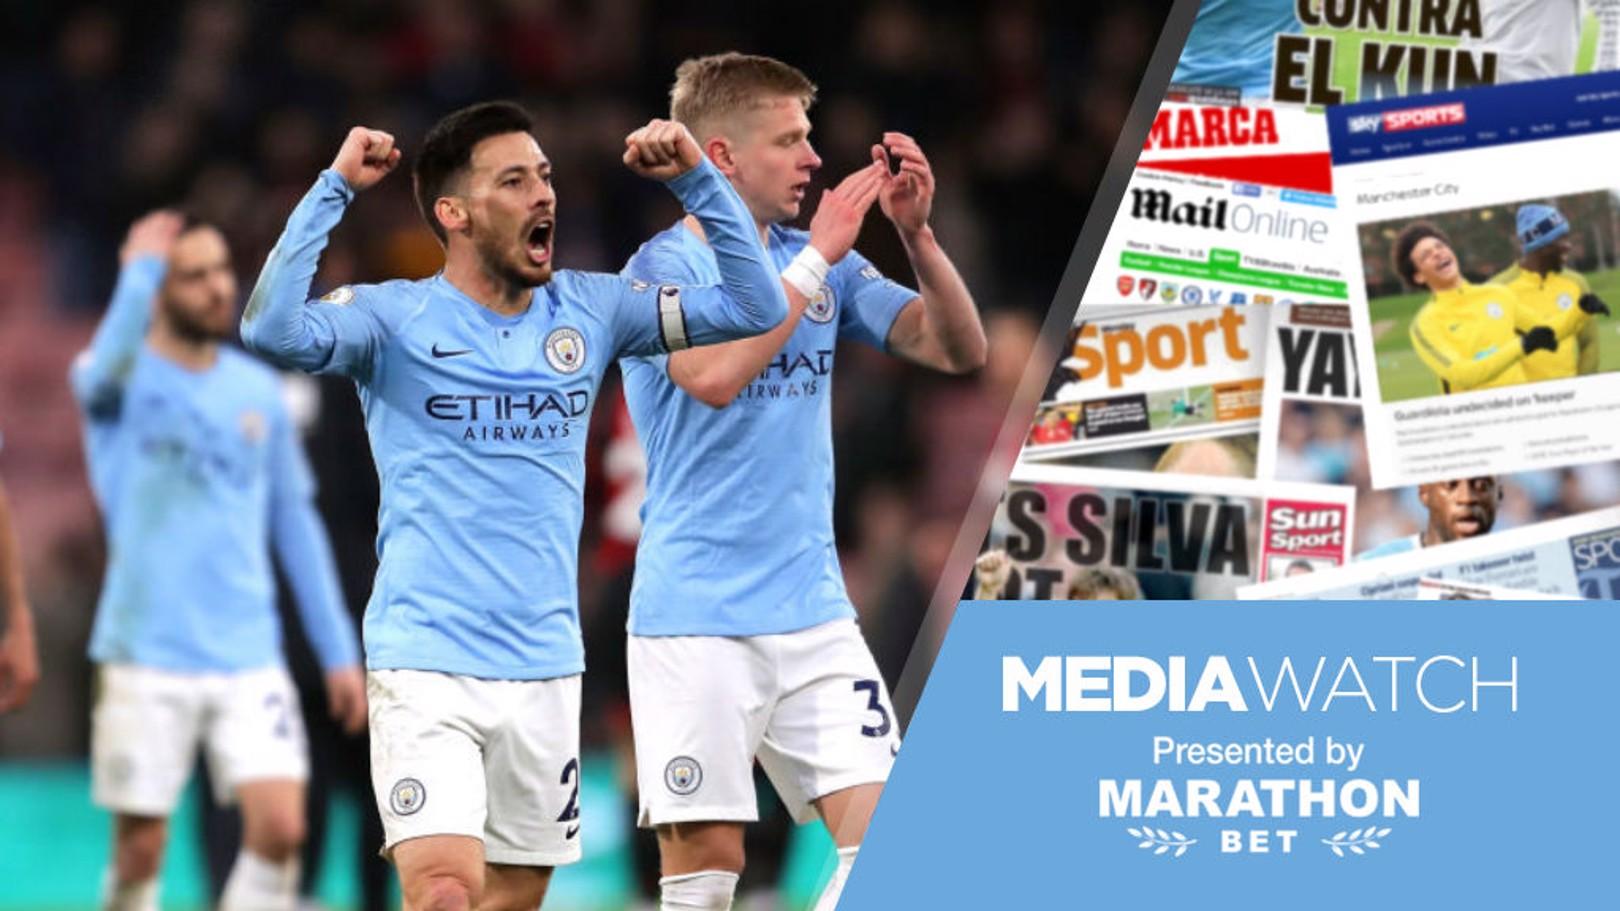 Media Watch: 'Advantage City in title race'